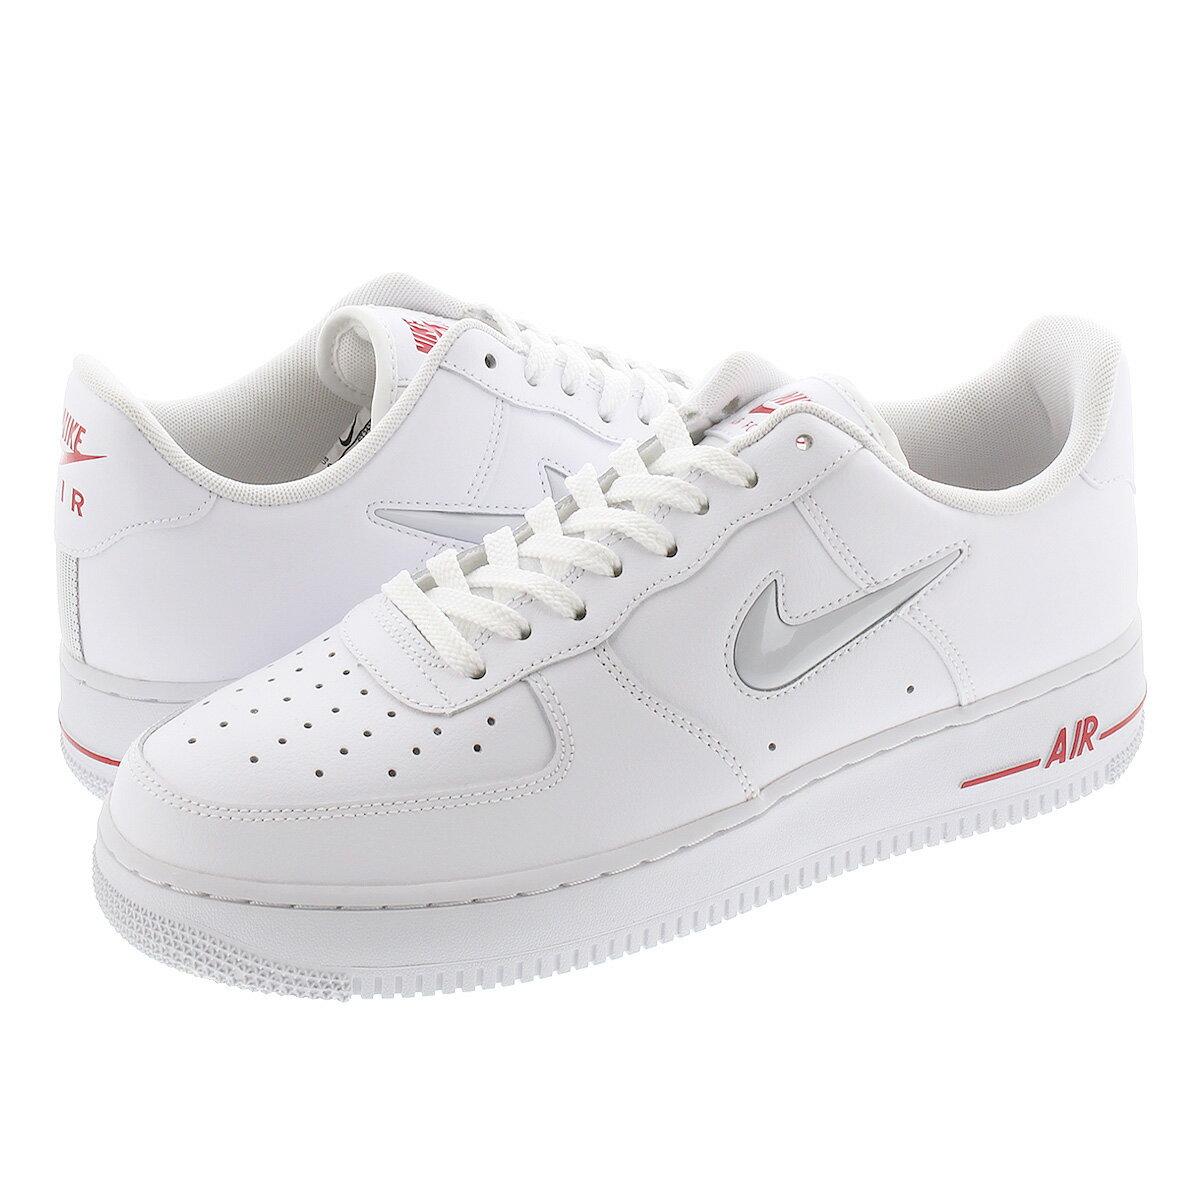 NIKE AIR FORCE 1 JEWEL Nike air force 1 jewel WHITEPURE PLATINUM ct3438 100